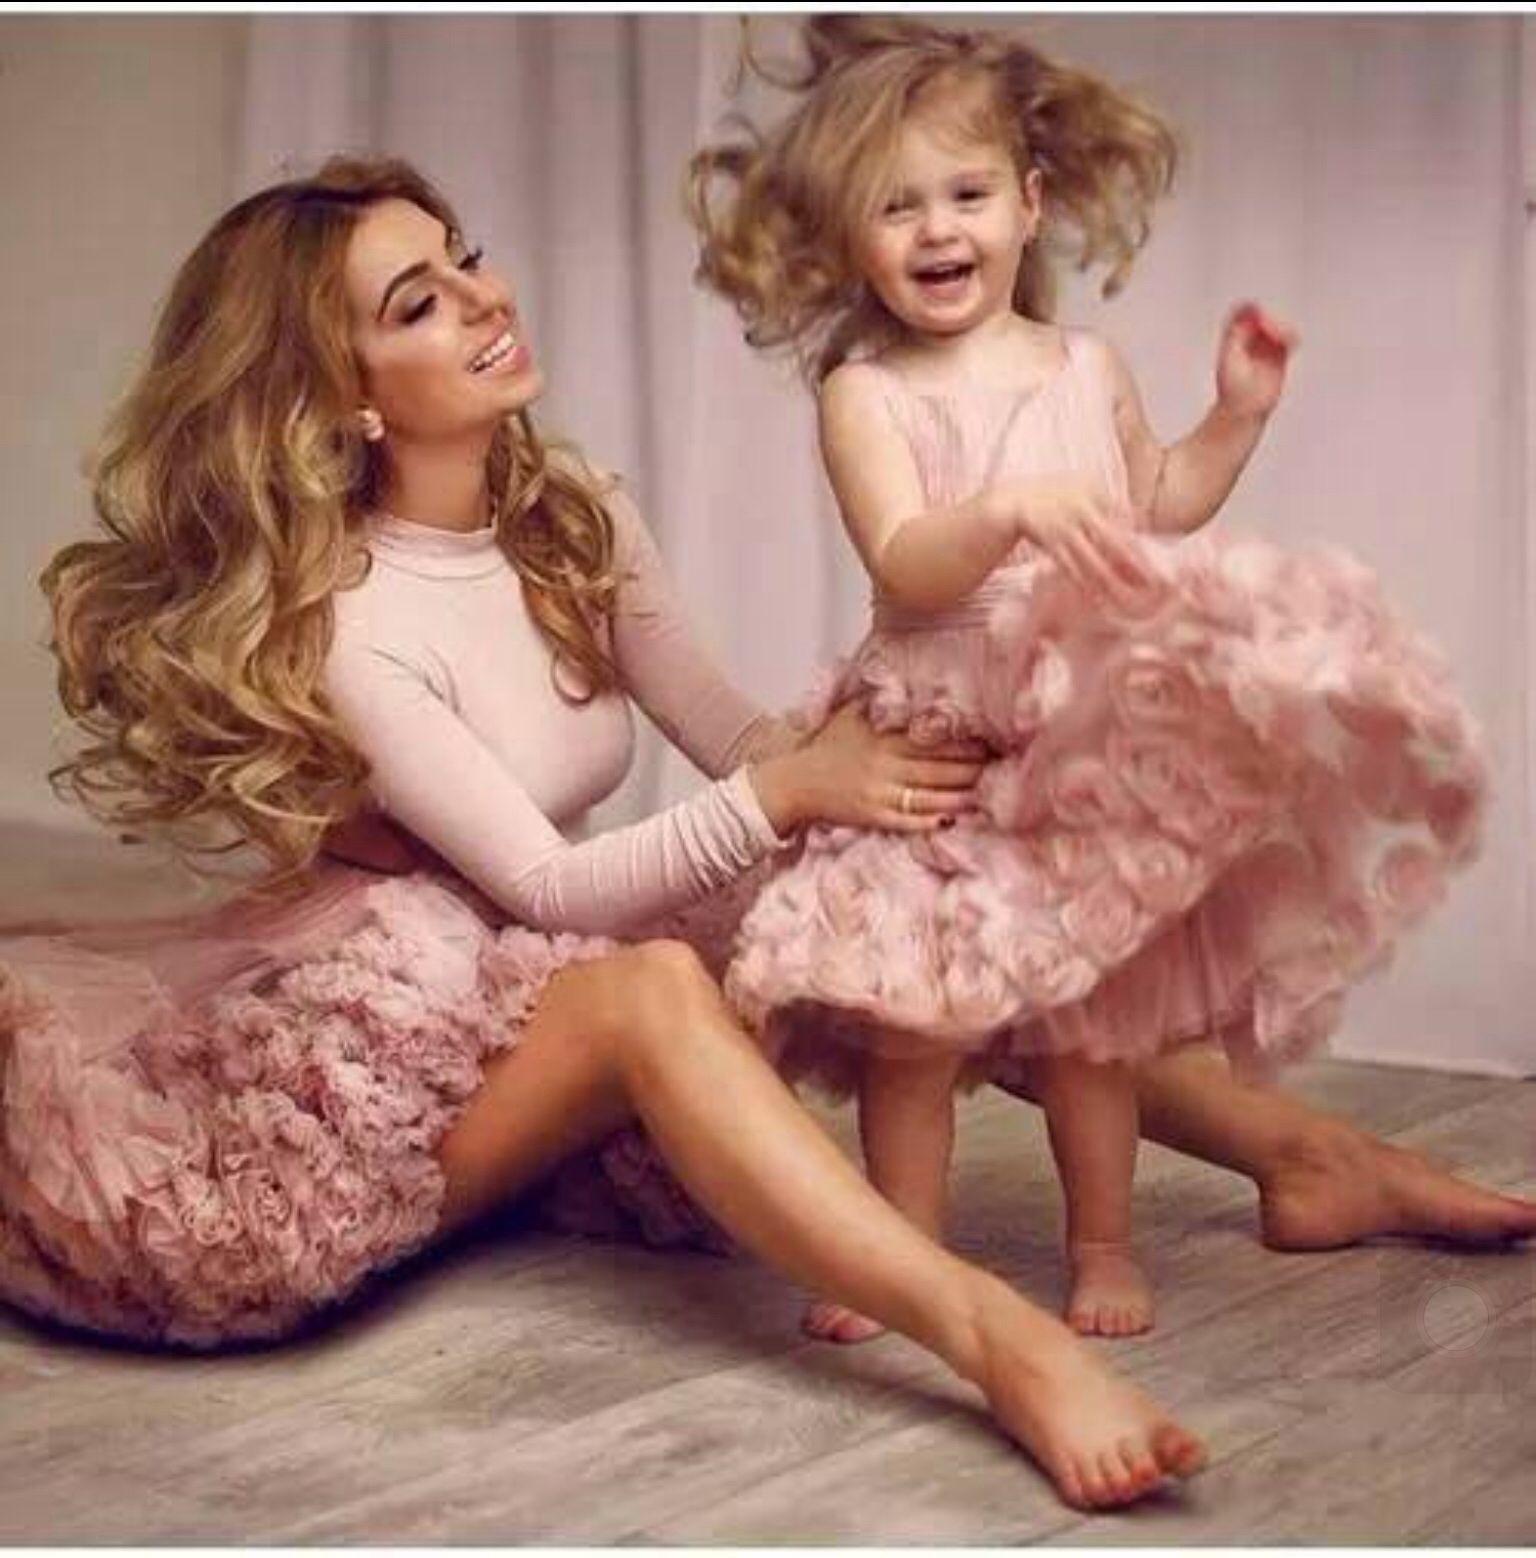 Mommy & daughter | Mommies | Pinterest | Amor